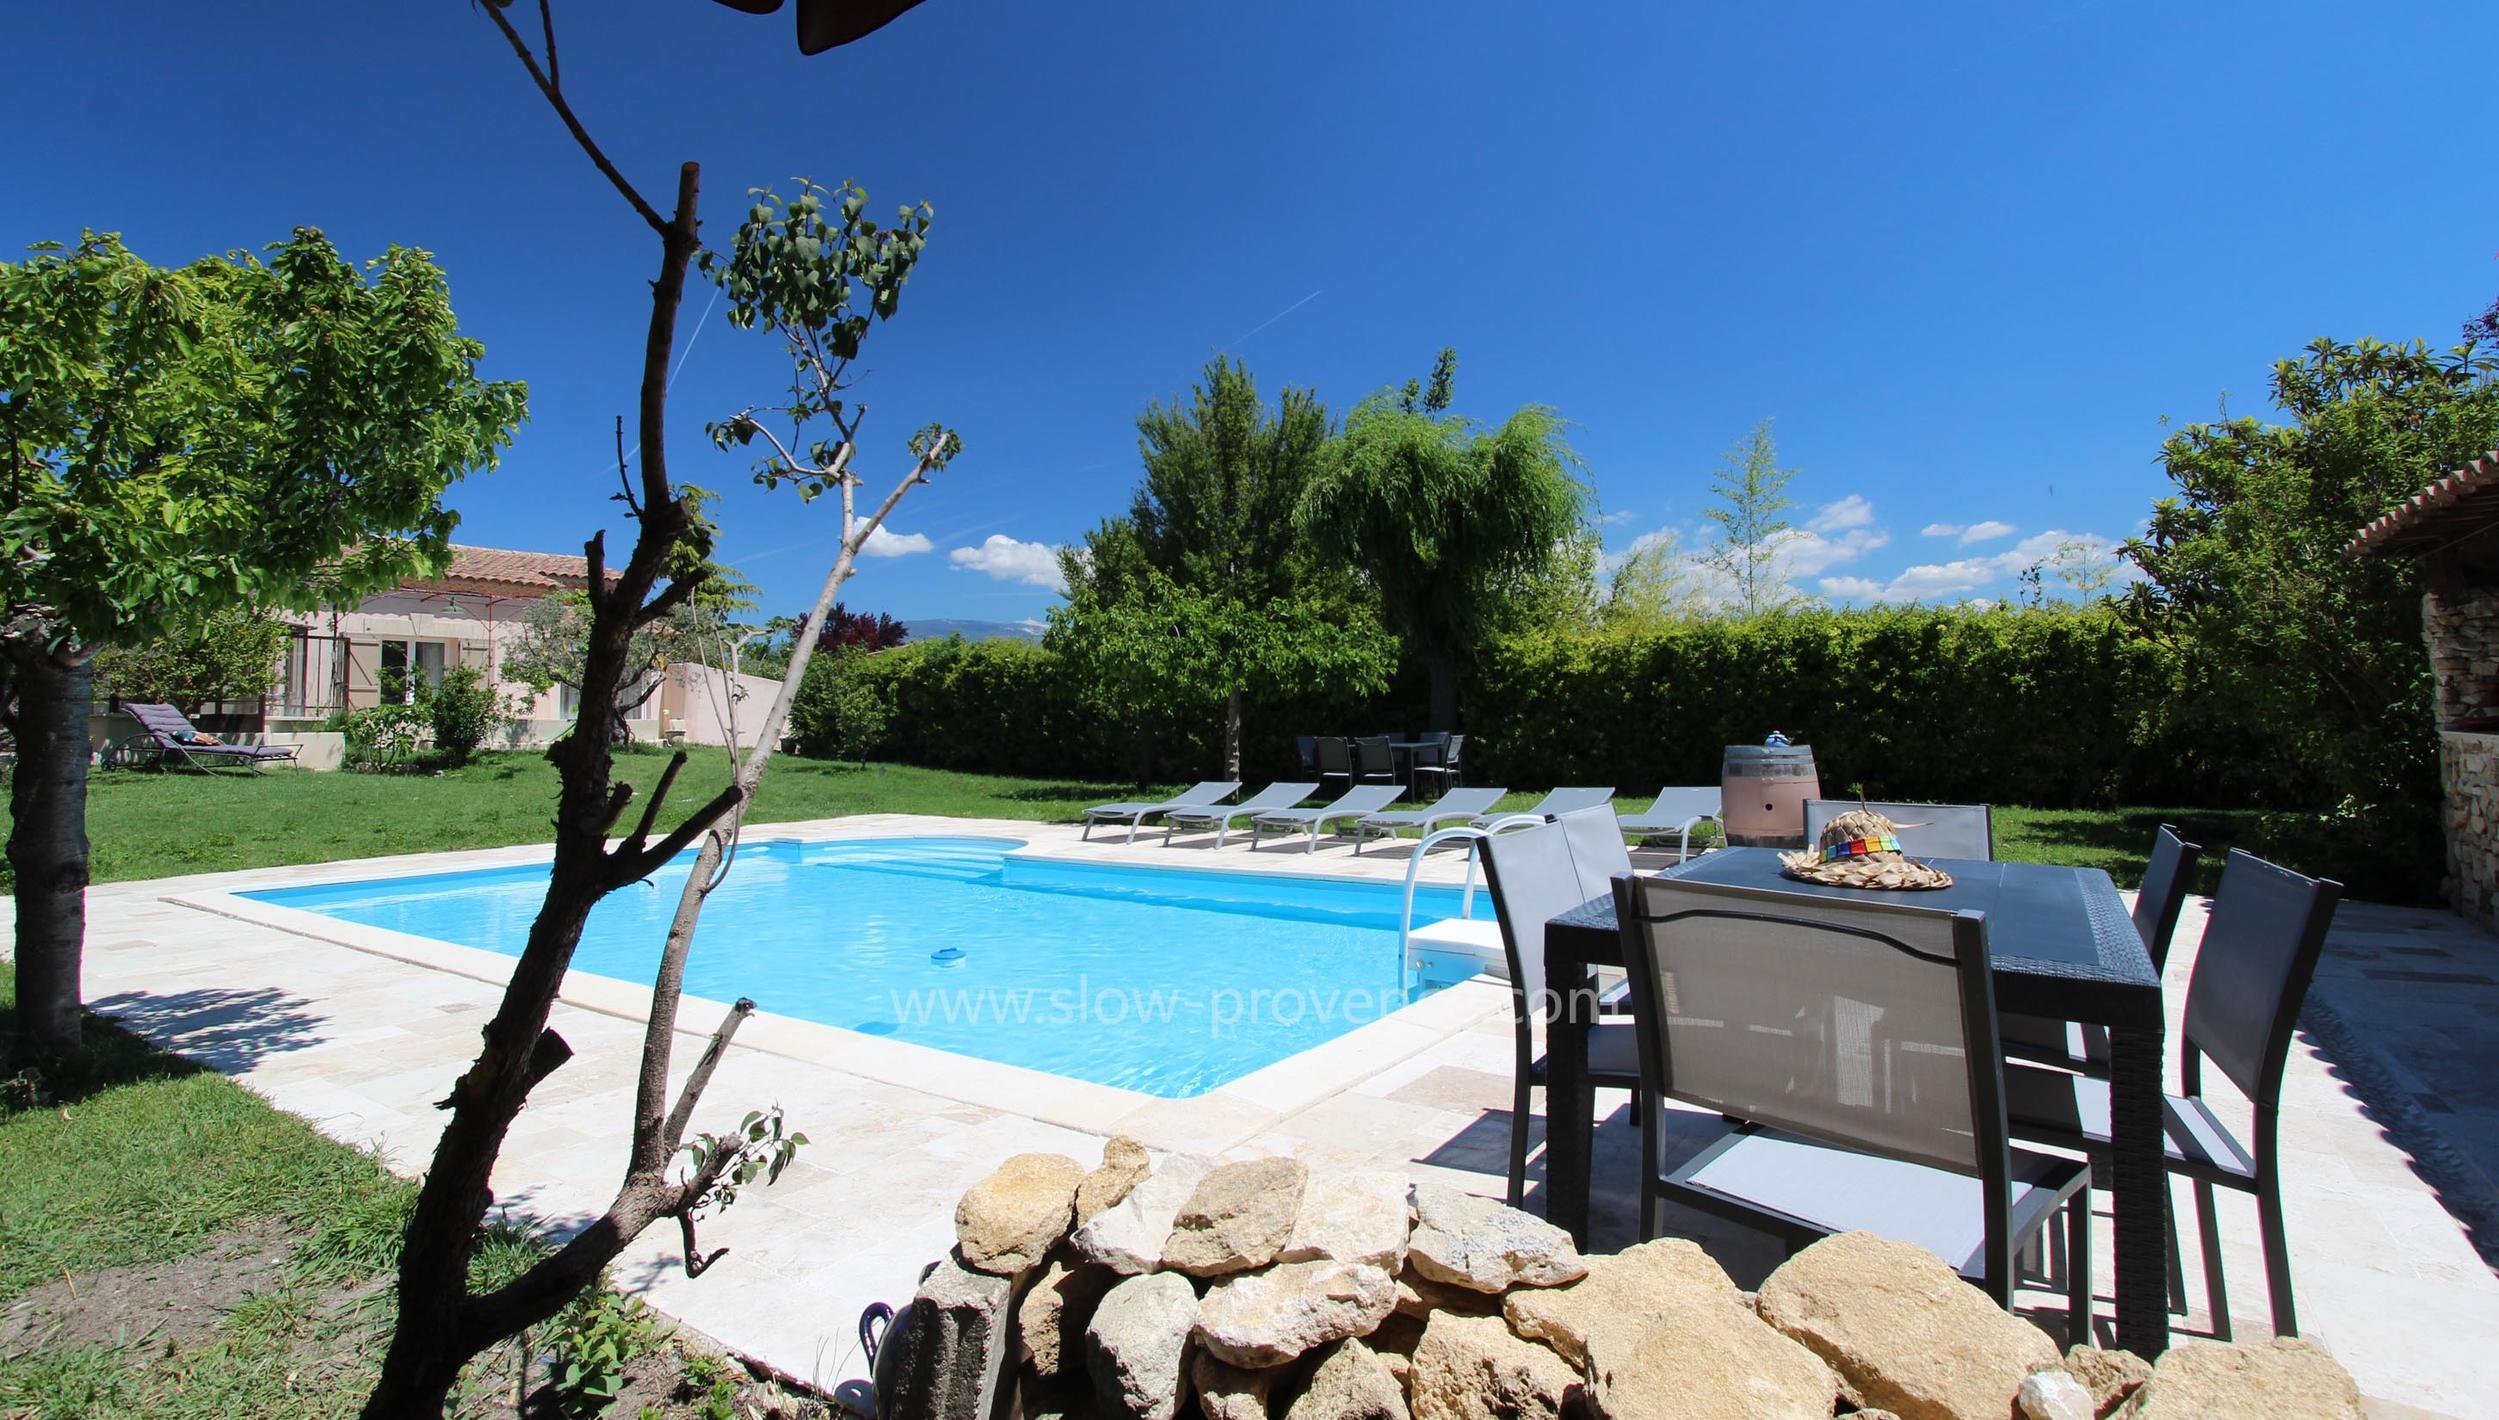 Location maison vacances vaucluse avec piscine ventana blog - Location vacances avec piscine privee ...